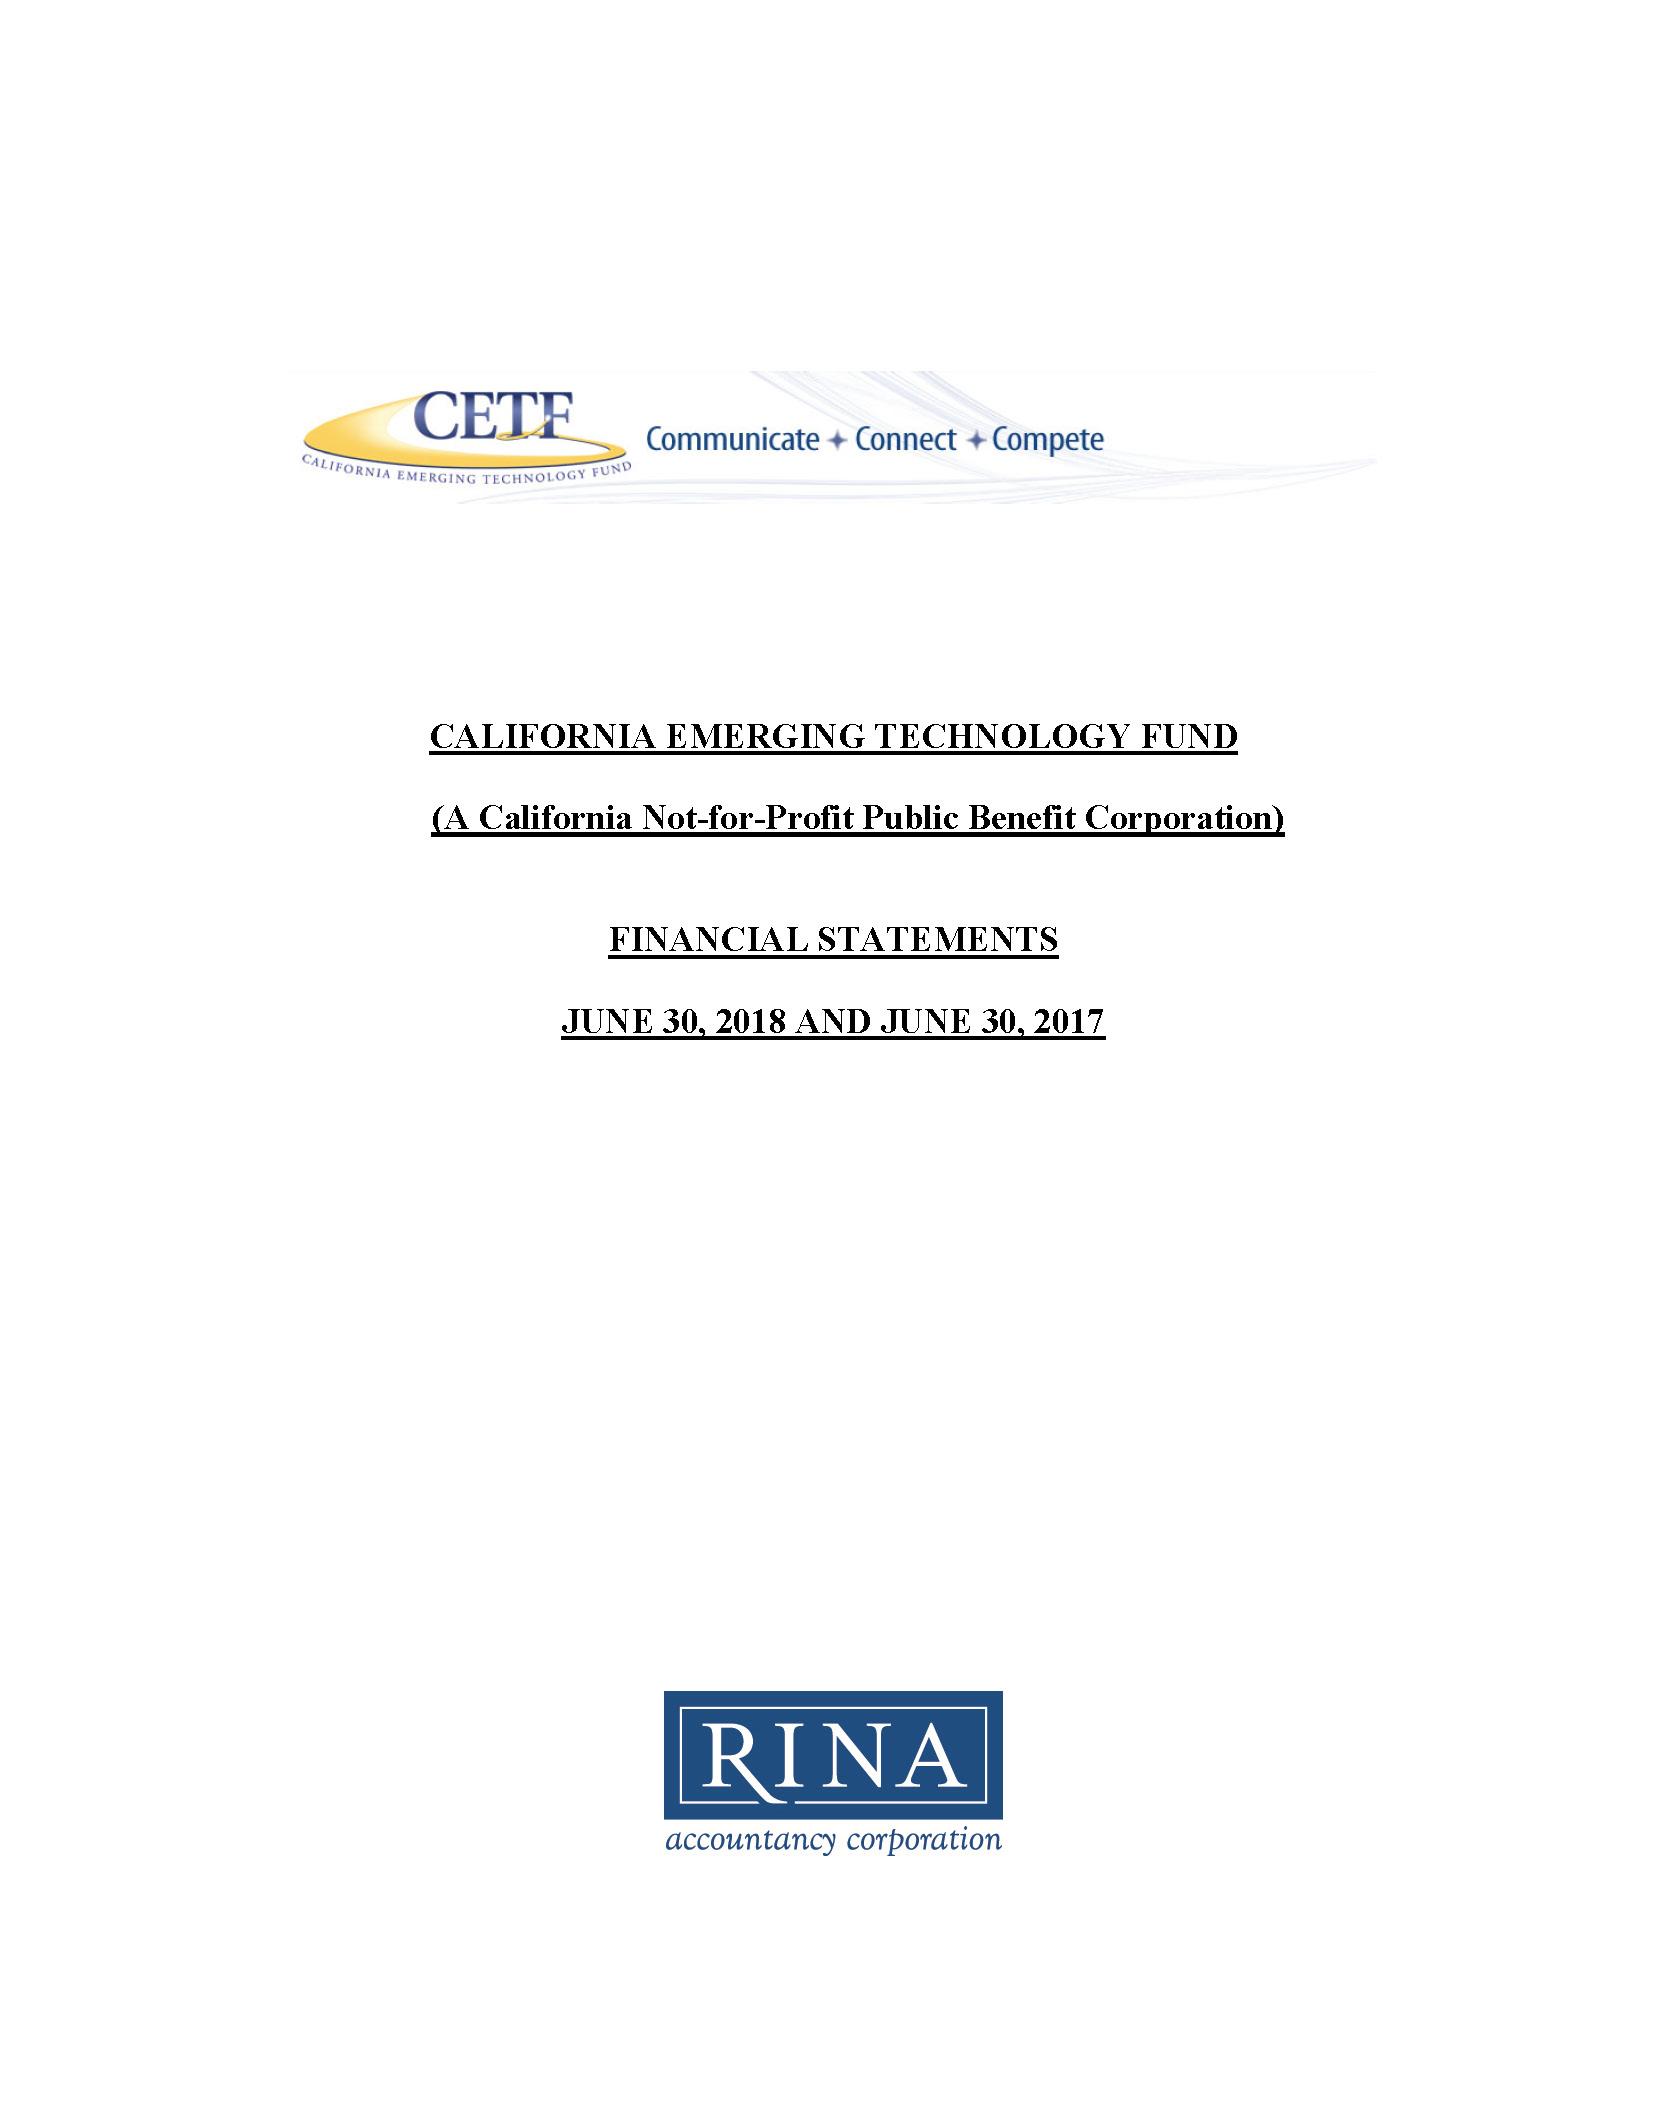 CETF Final Audit 2017-2018